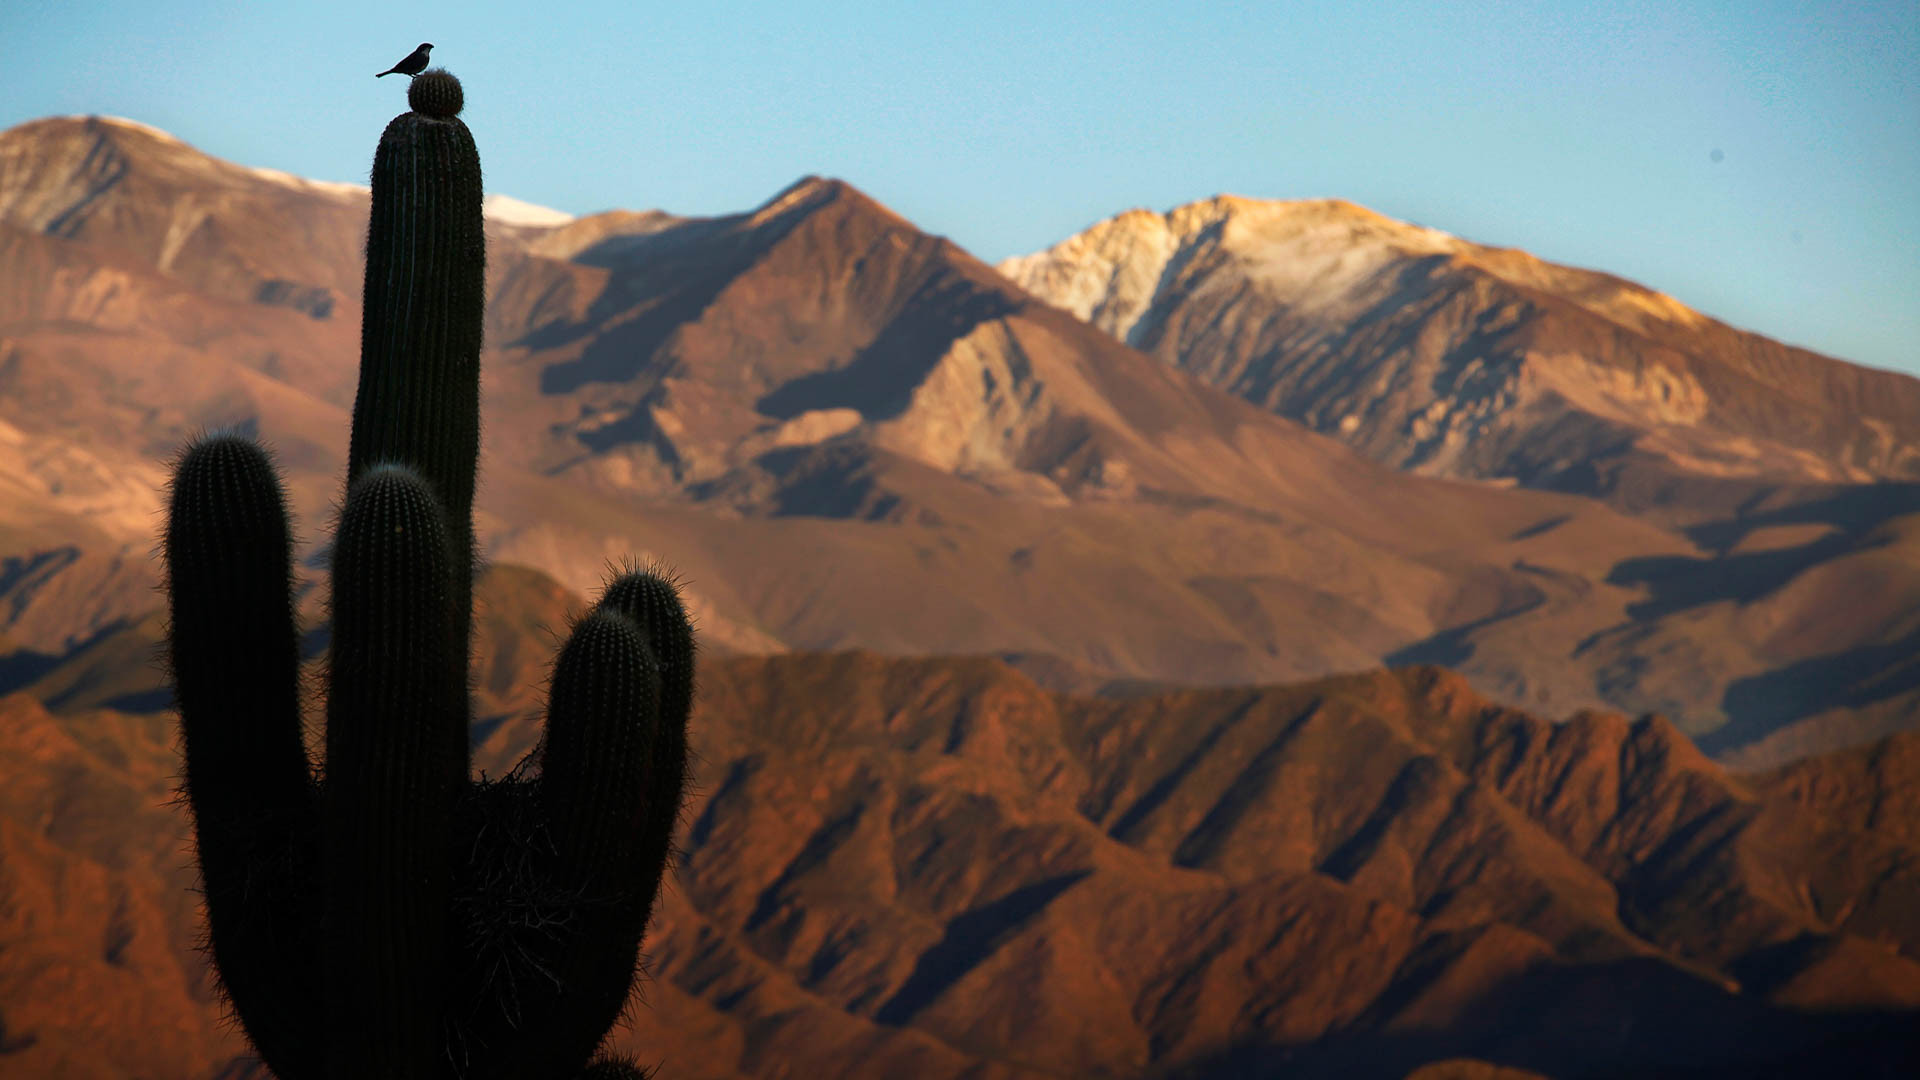 Un pájaro corona la punta de un cardón, ambos recortados sobre el Nevado de Cachi.